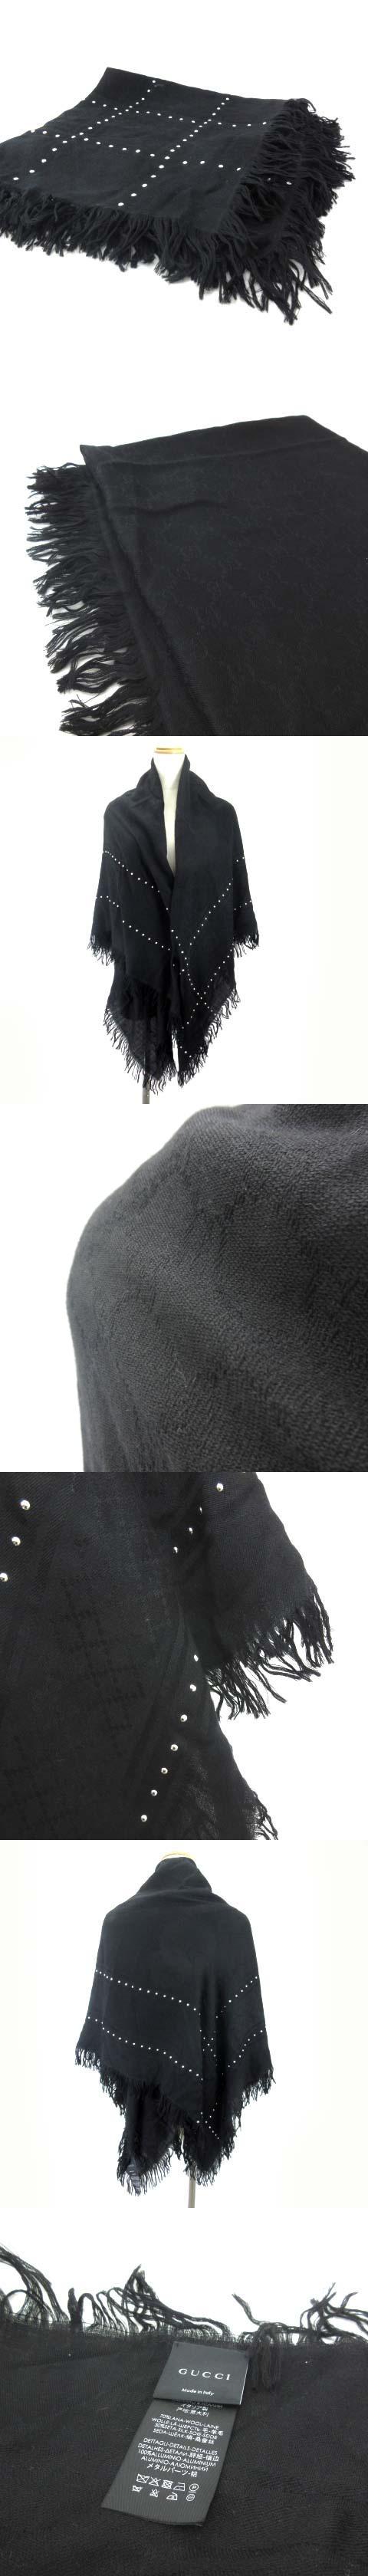 マフラー ストール スタッズ メタル装飾 シルク混 GG柄 黒 ブラック 130×130 国内正規